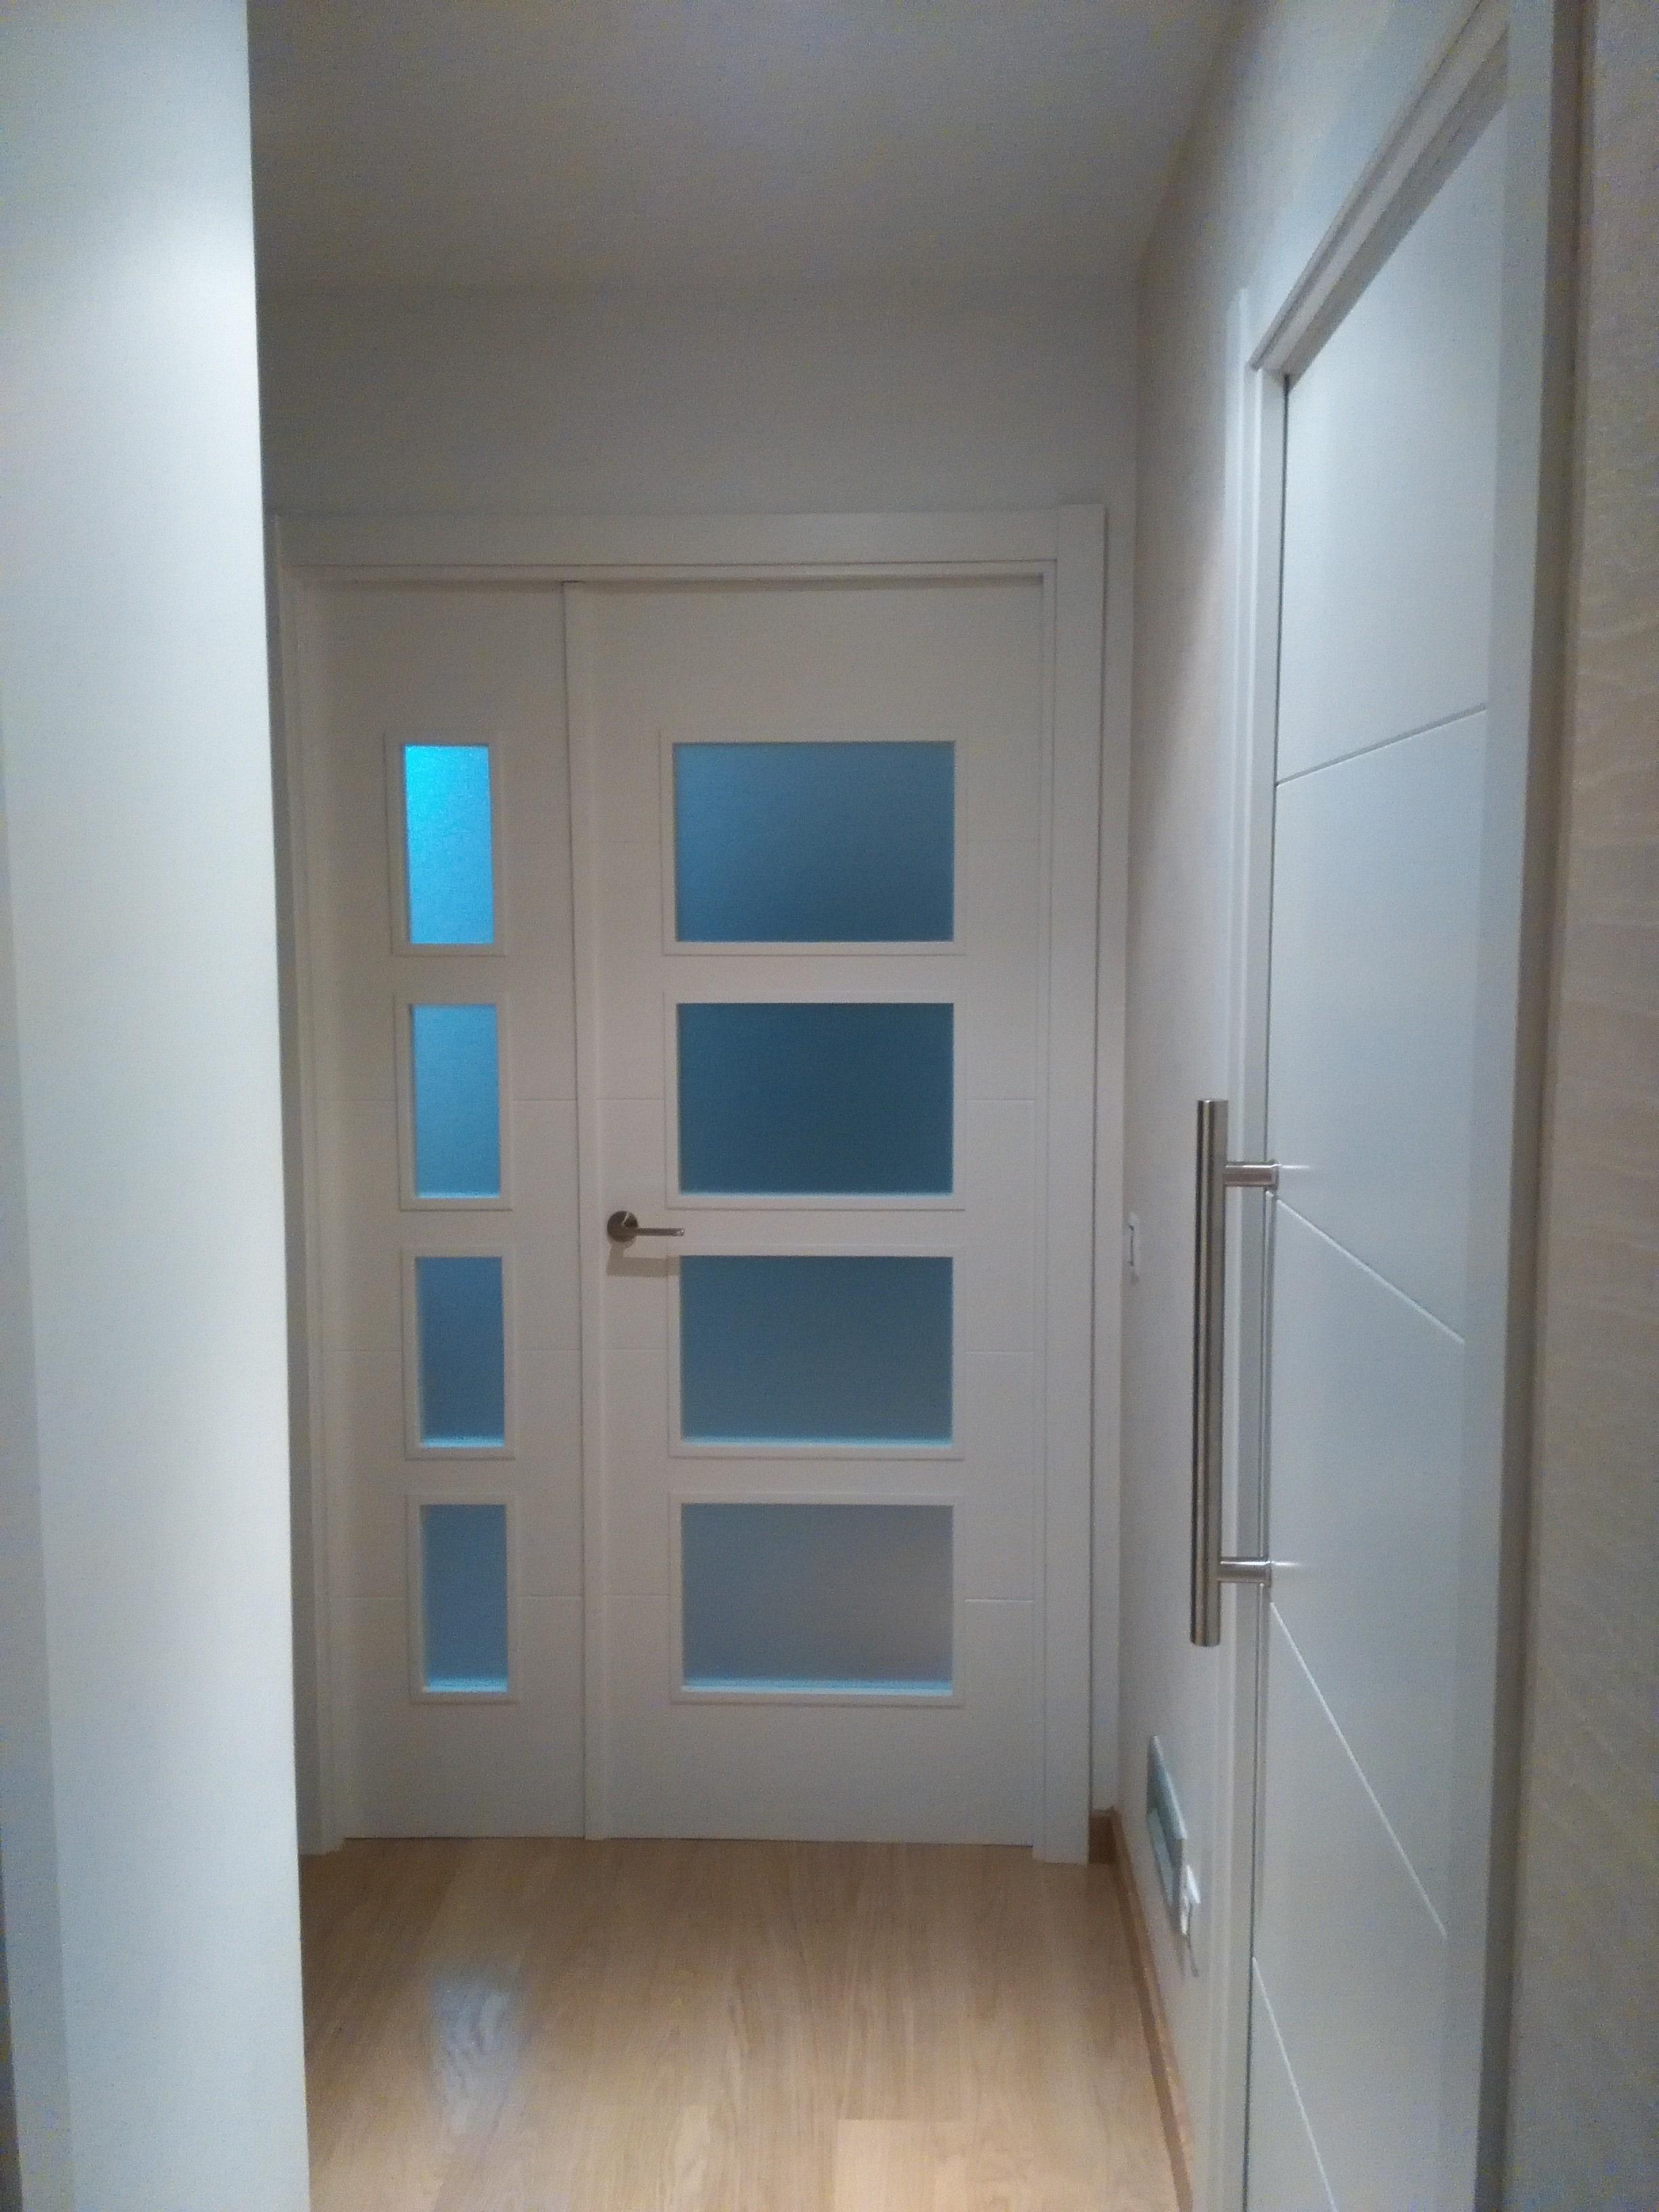 Puertas pintura papel pintado y ampliaci n cocina en for Papel pintado puertas